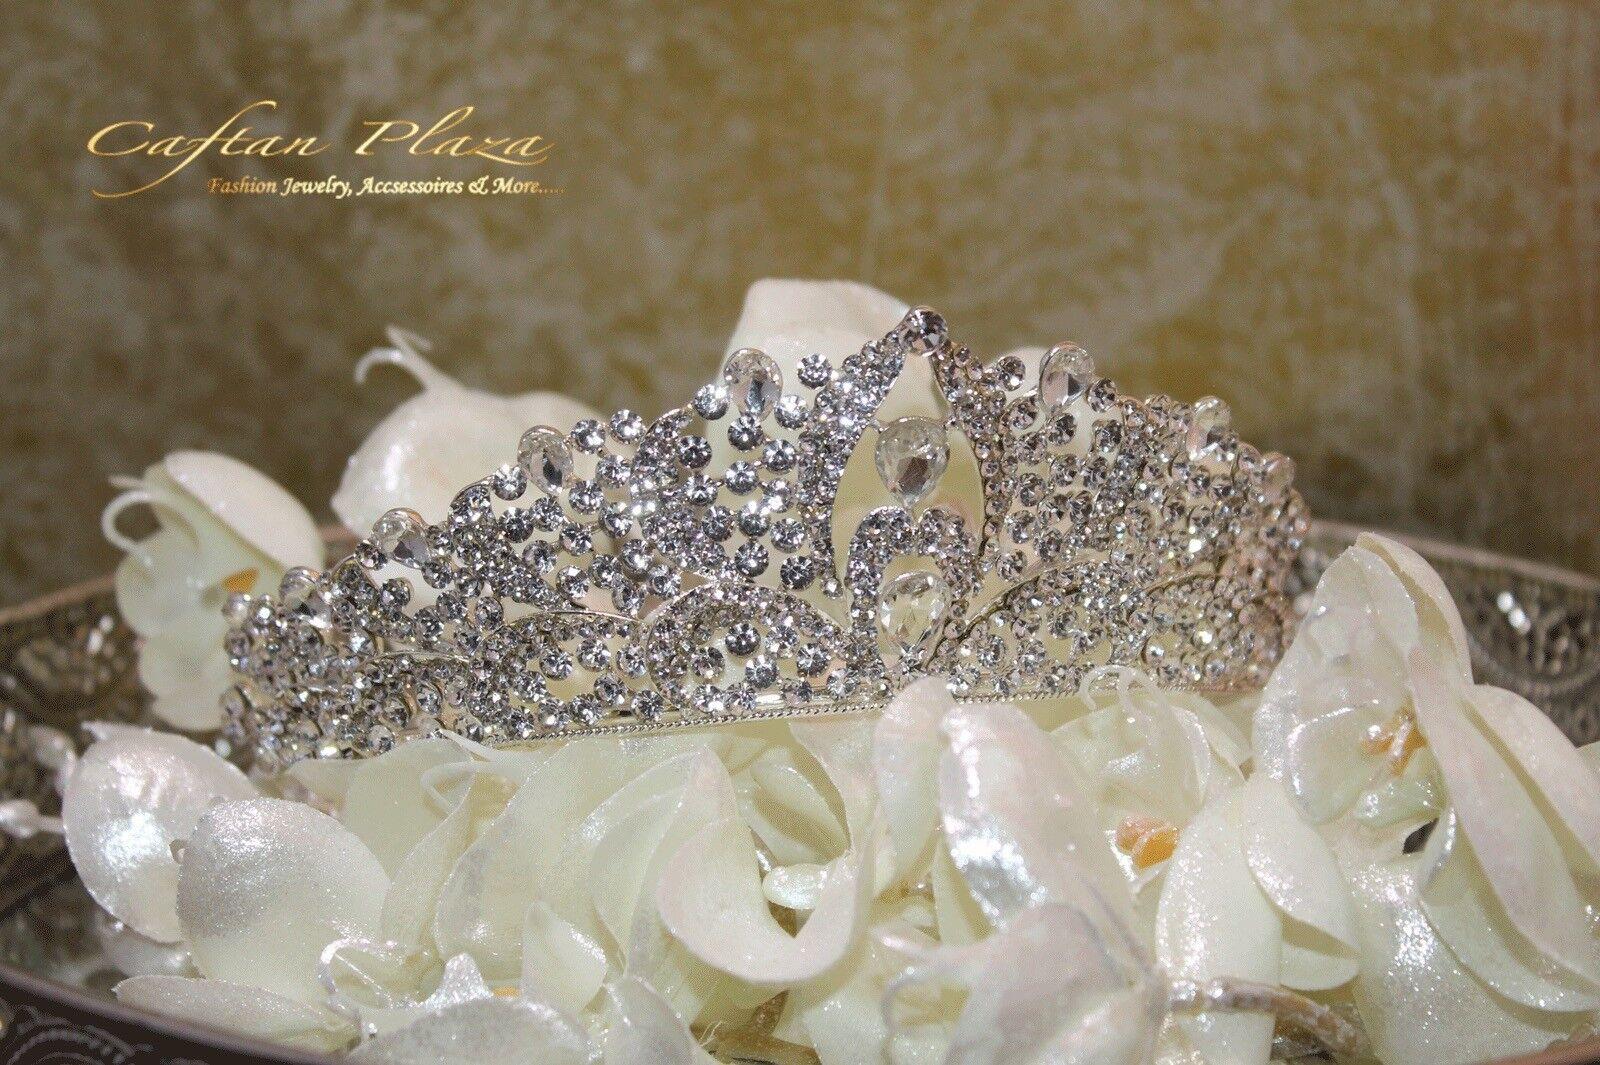 Tiara XXL Diadem Crown Rhinestone Crystal Bridal Wedding Silver Elegant, New